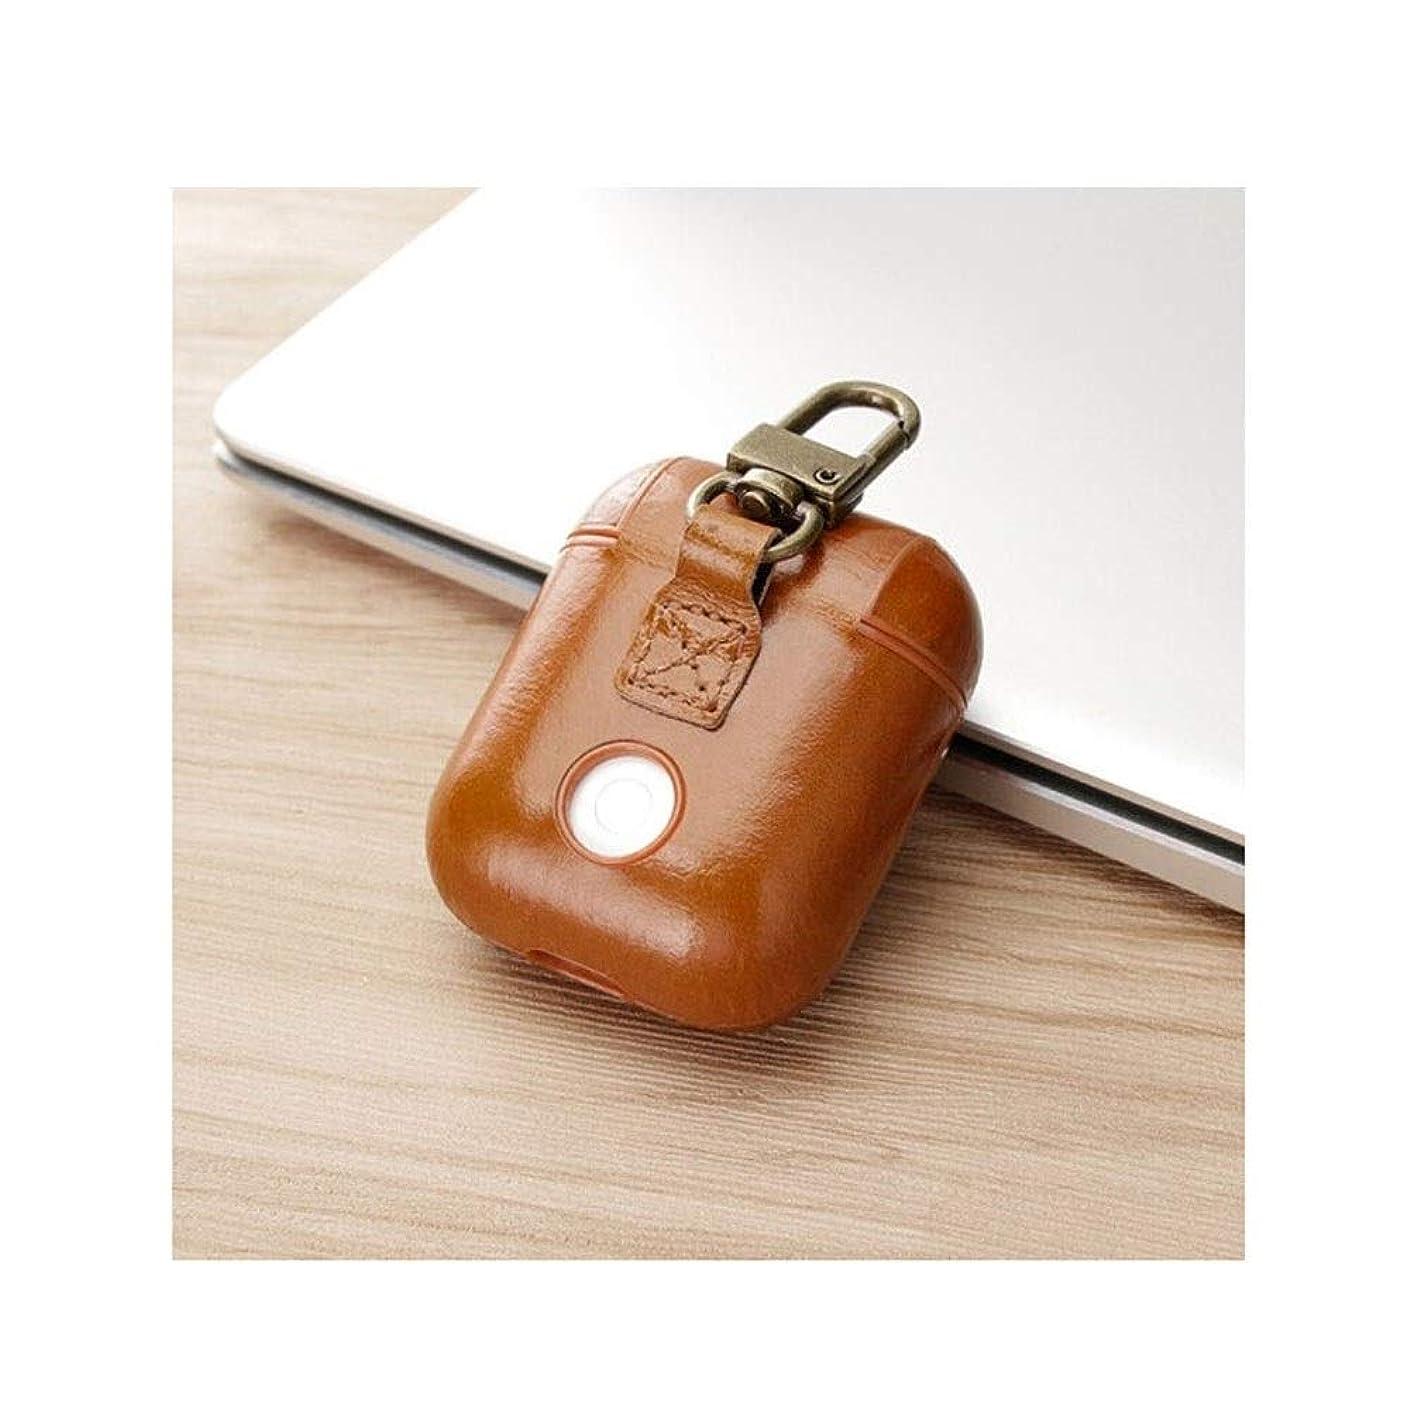 ブースチロ報告書HKXR ヘッドフォンカバー、Airpods1 / 2世代保護カバー、健康的で環境に優しい、スタイリッシュなデザイン(黒/赤) (Color : Brown)